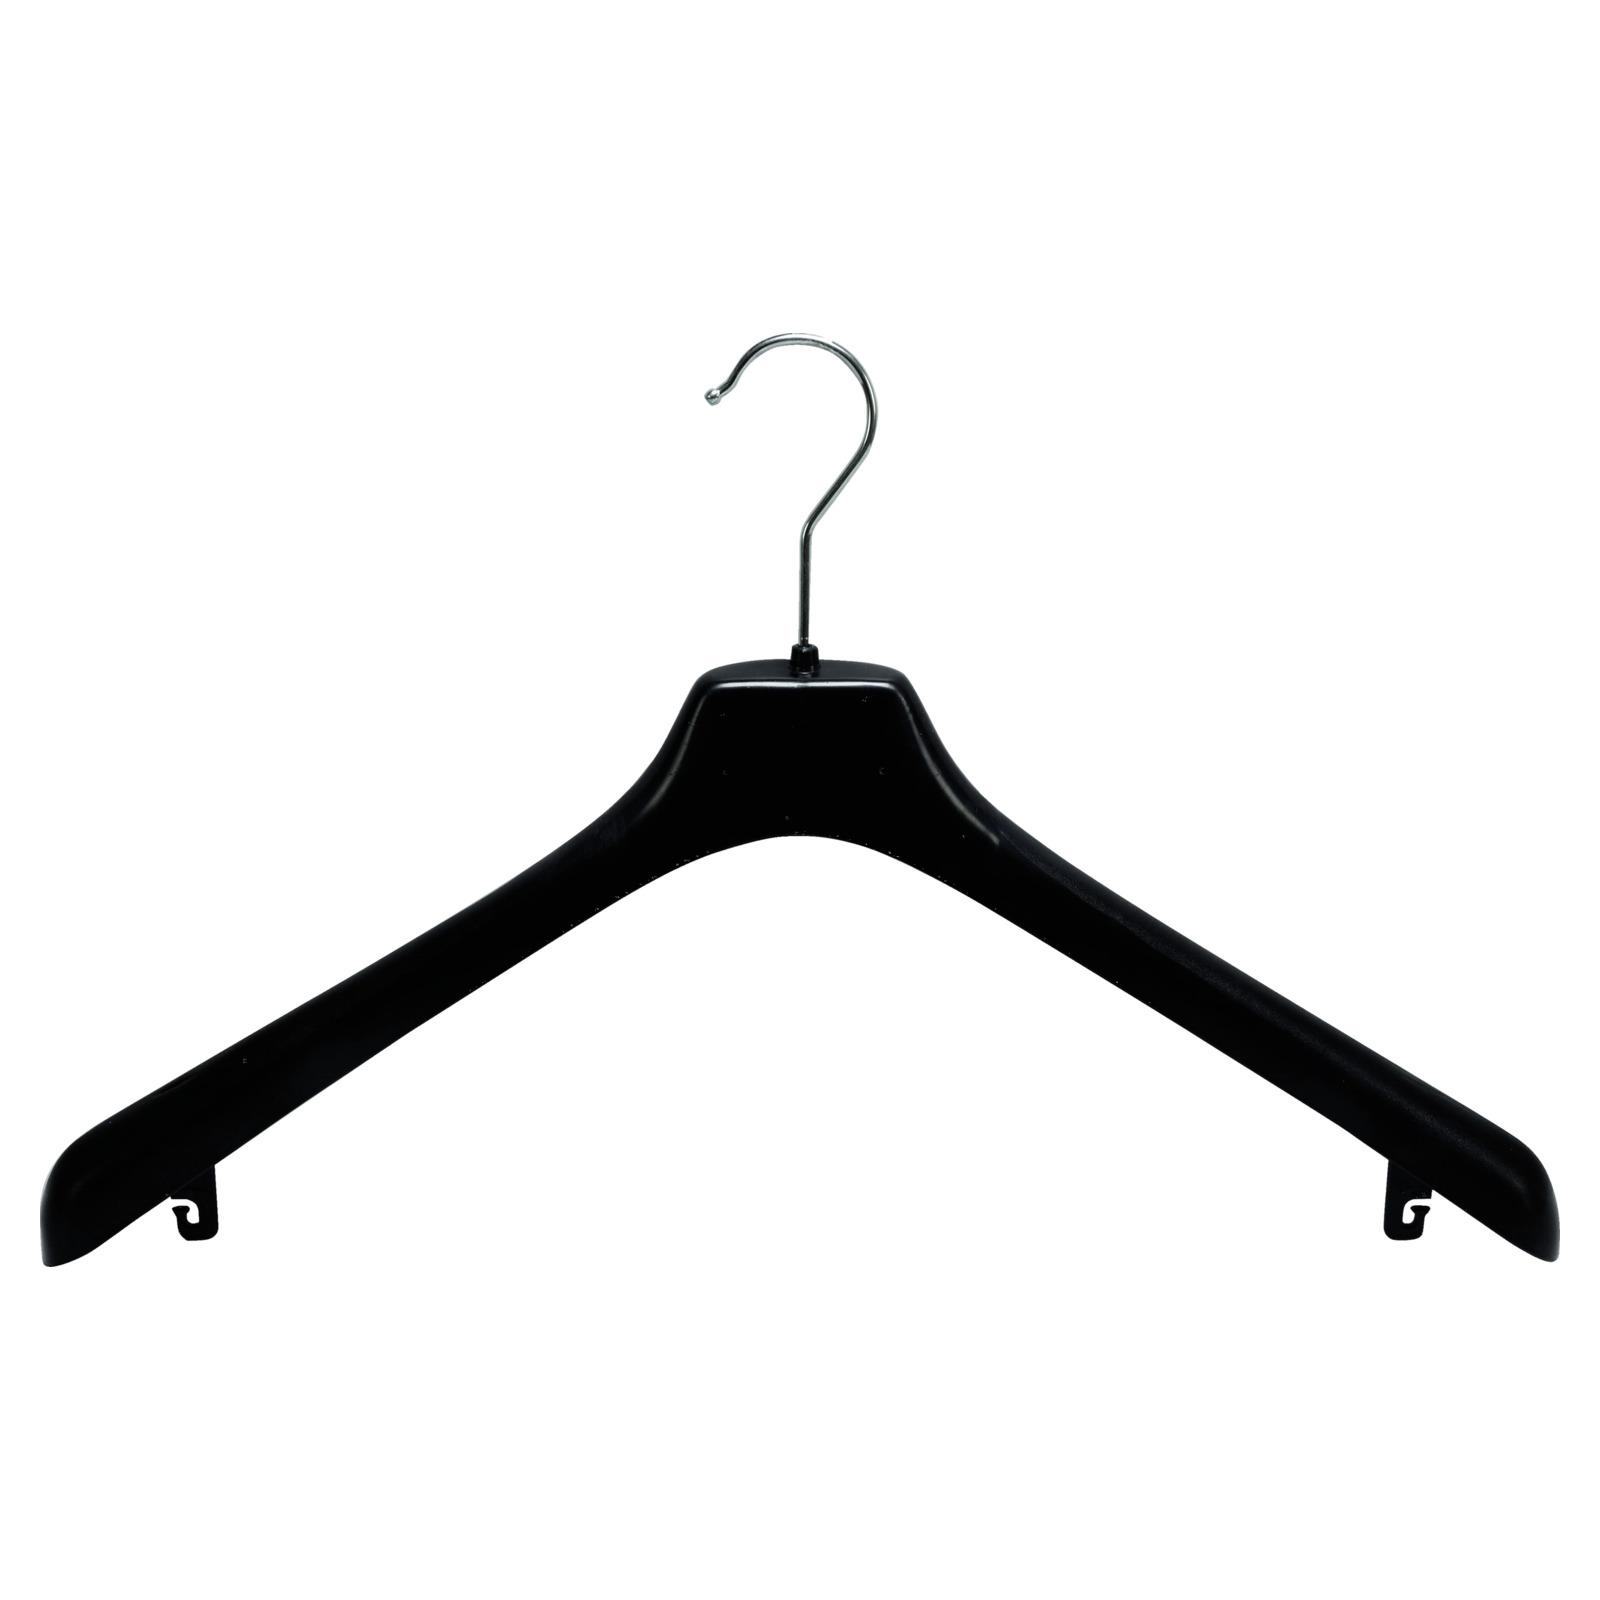 kunststoff formb gel schwarz kunststoff kleiderb gel kleiderb gel gr enkennzeichnung. Black Bedroom Furniture Sets. Home Design Ideas